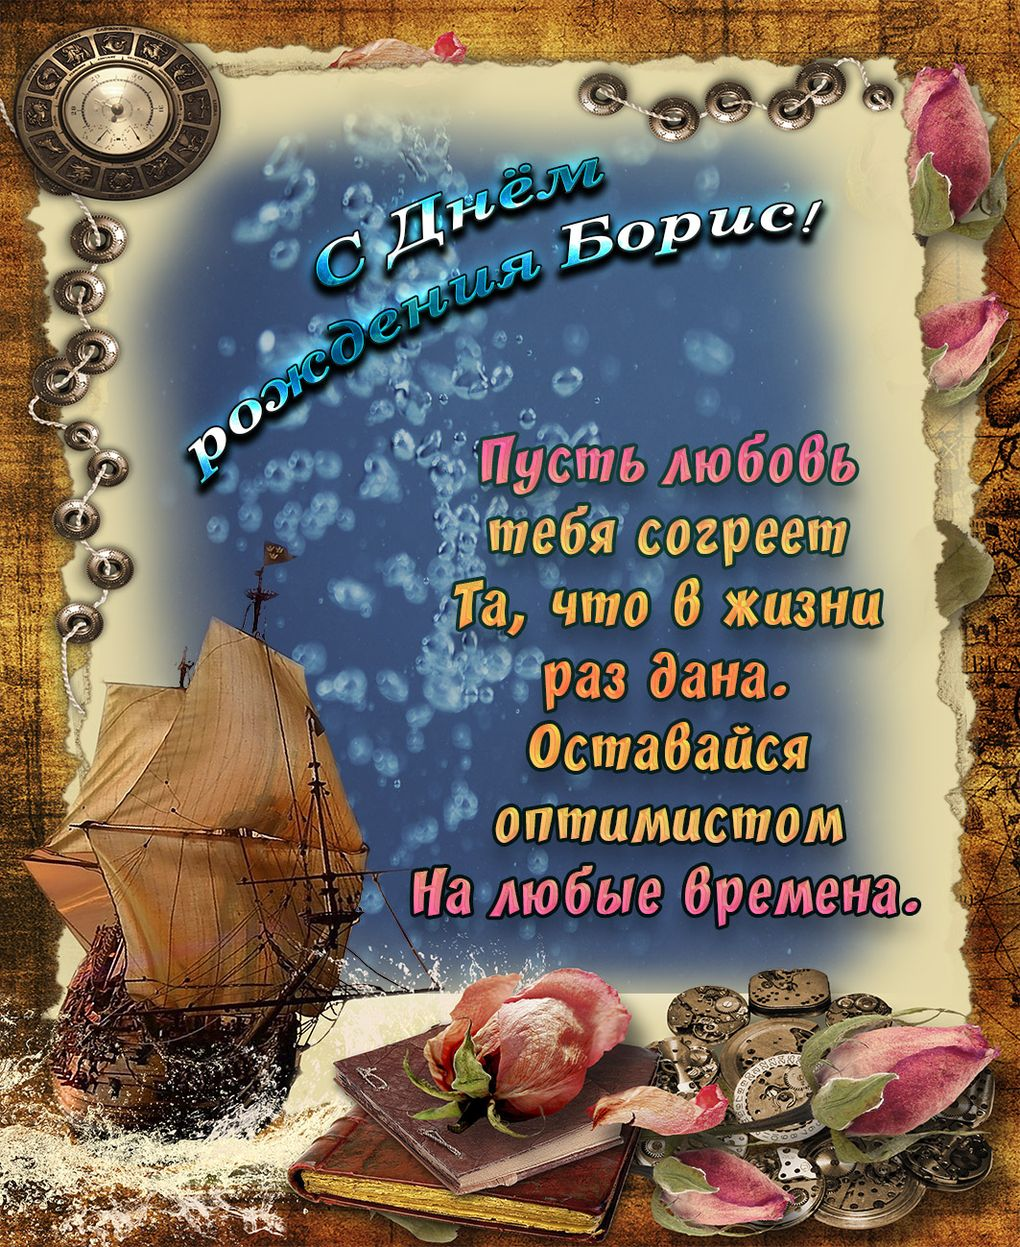 Поздравления с Днем рождения Борису